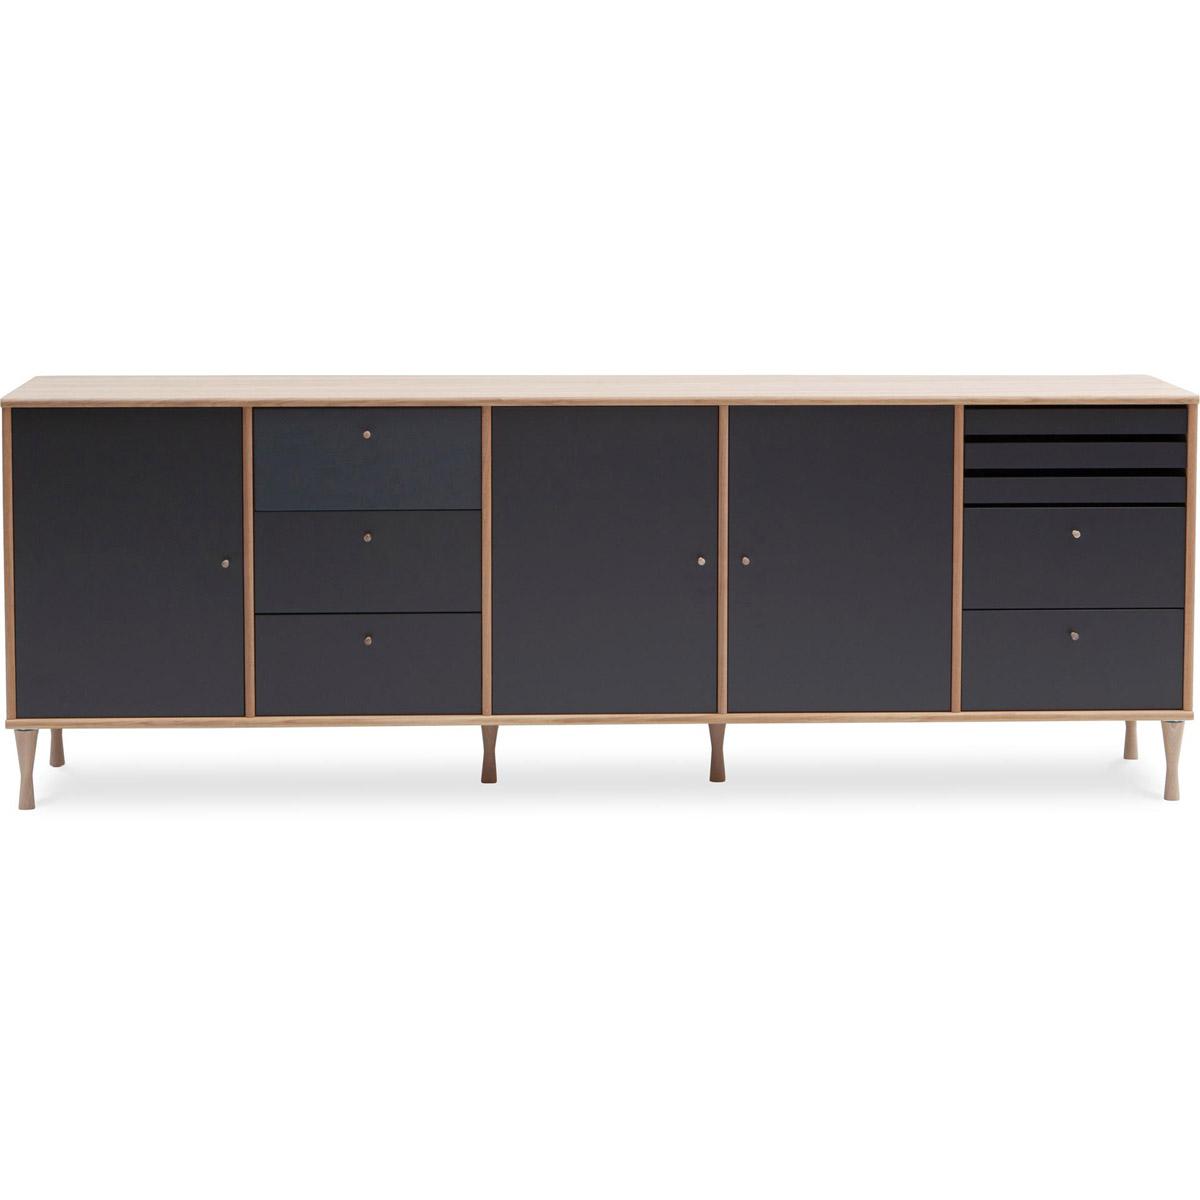 Mistral sideboard ek/antracit H2-111EA-HF